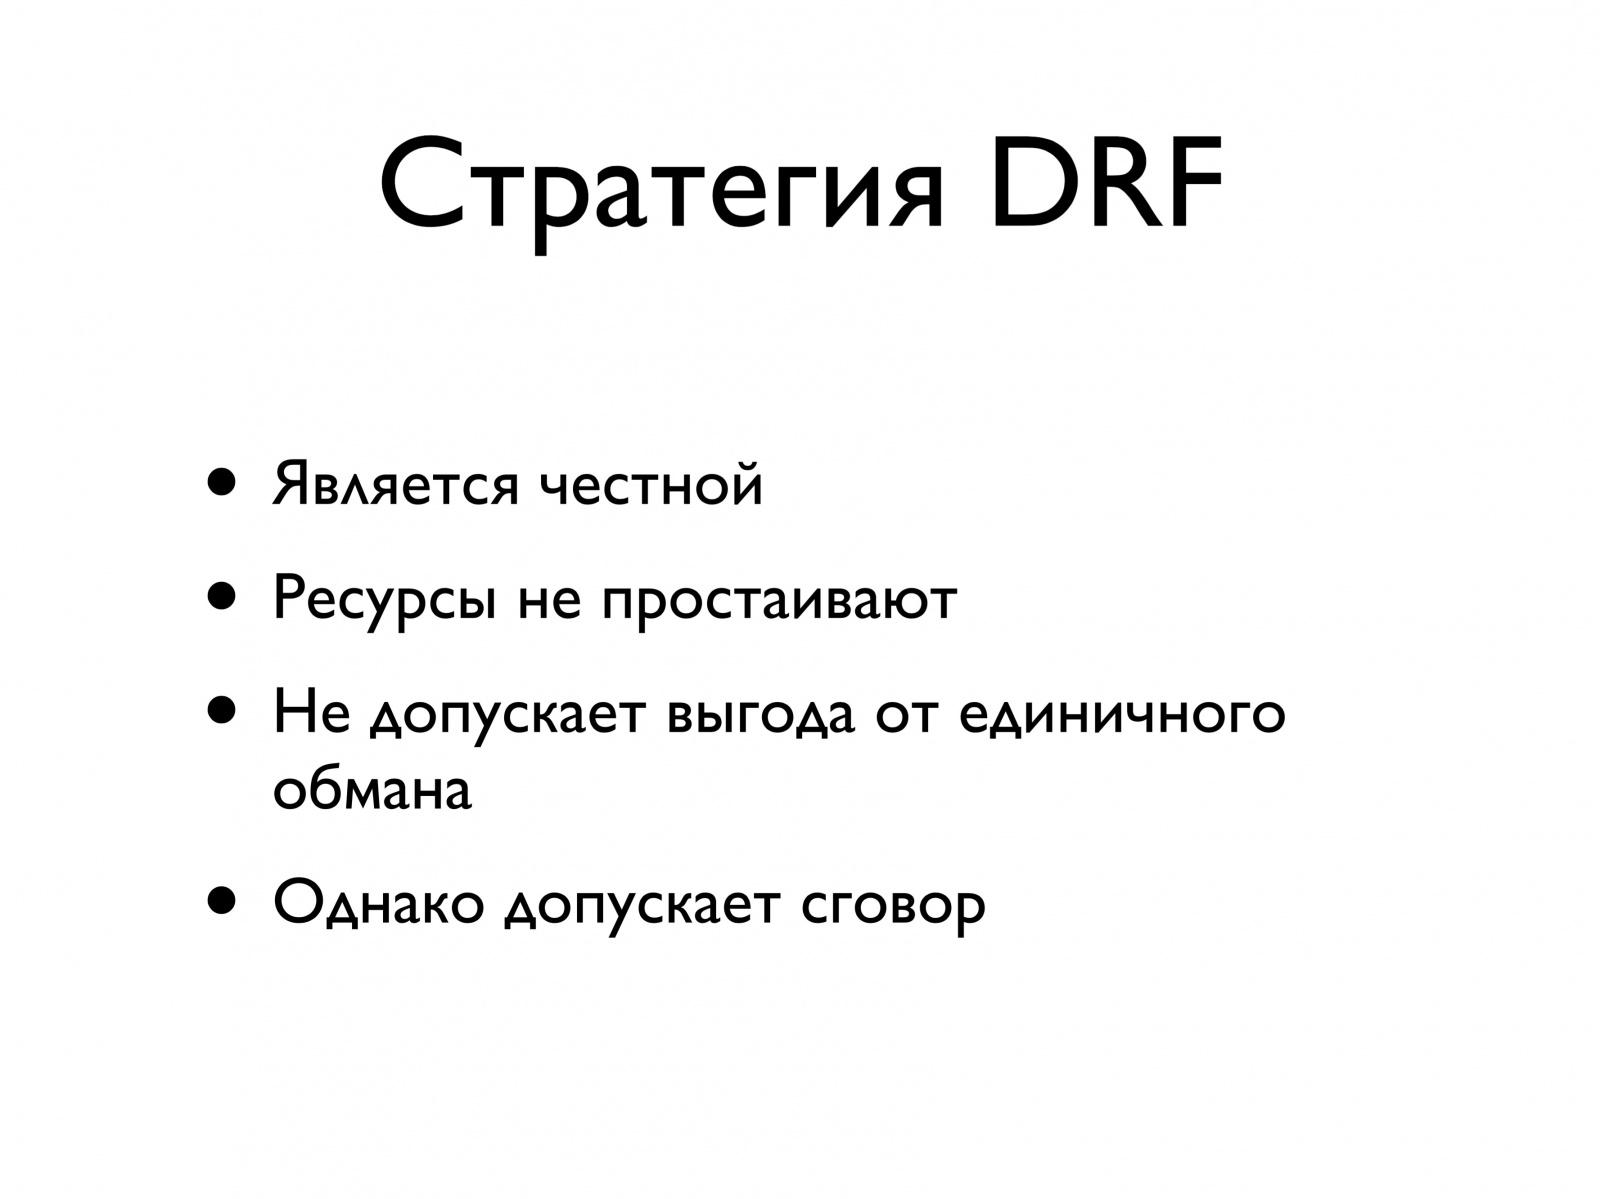 Распределение ресурсов в больших кластерах высокой производительности. Лекция в Яндексе - 7